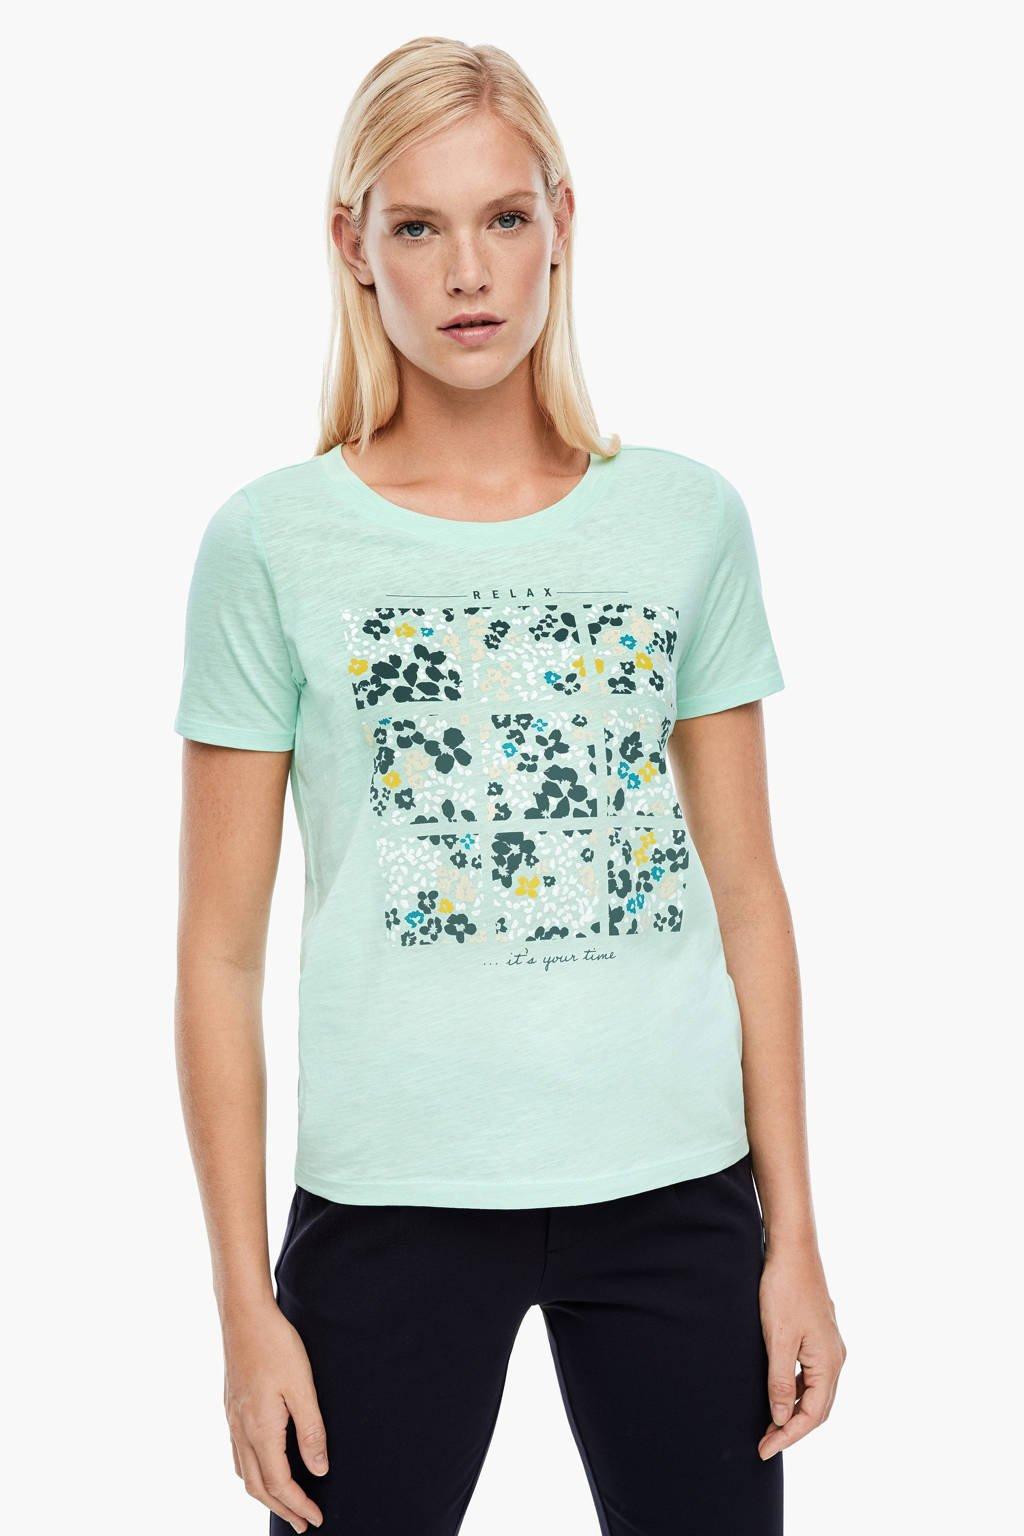 s.Oliver T-shirt met printopdruk mintgroen, Mintgroen